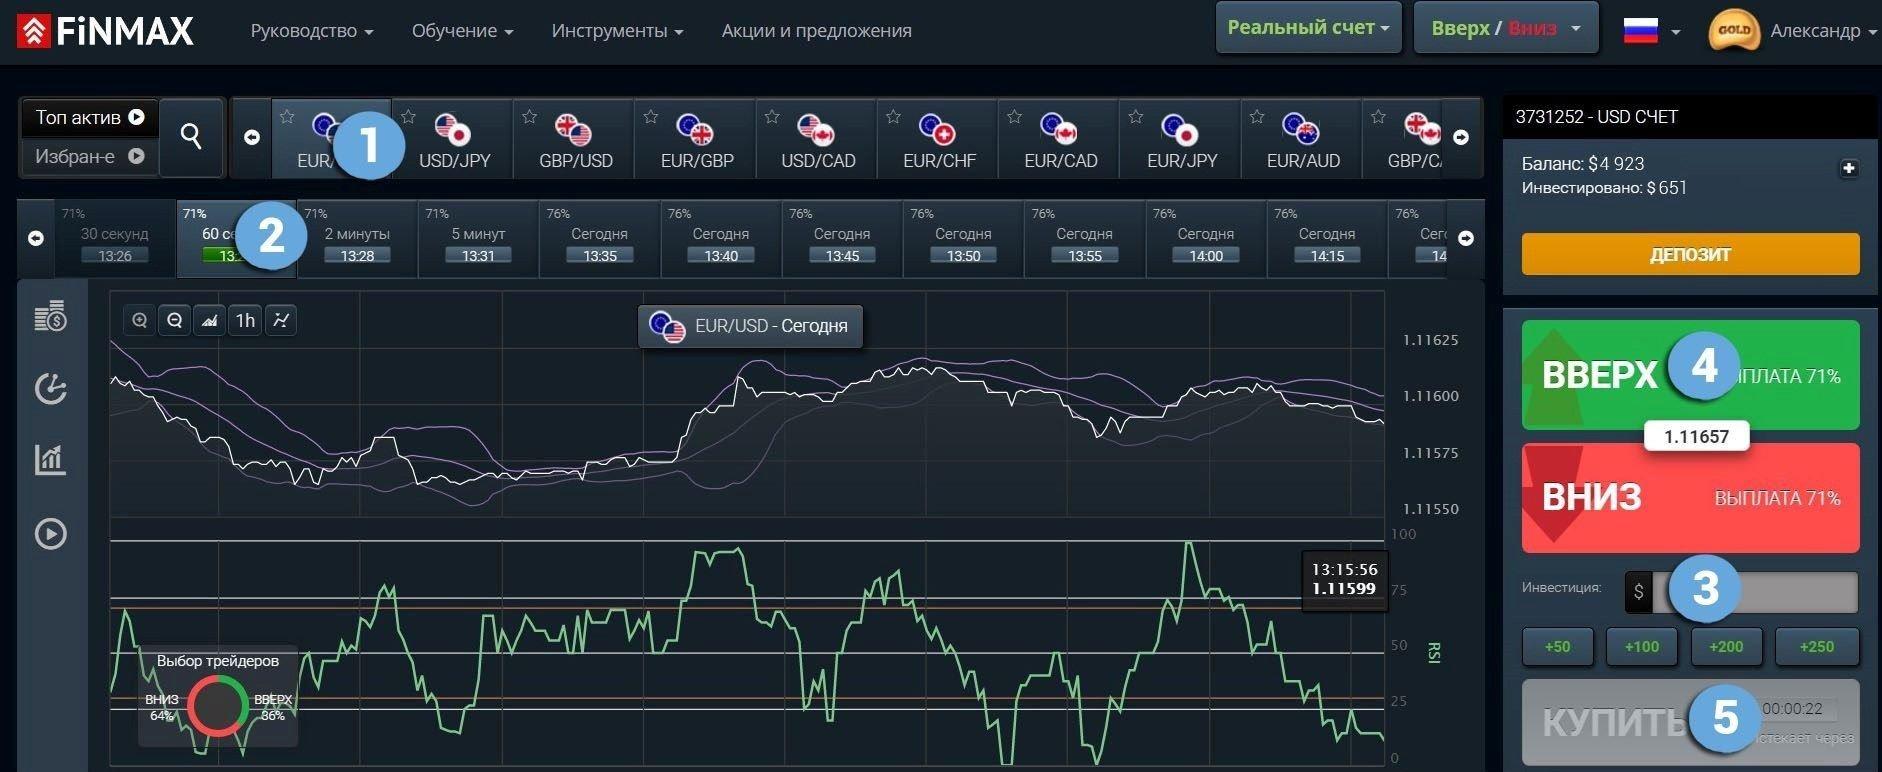 Возможности нисходящего тренда у проверенного брокера Finmax